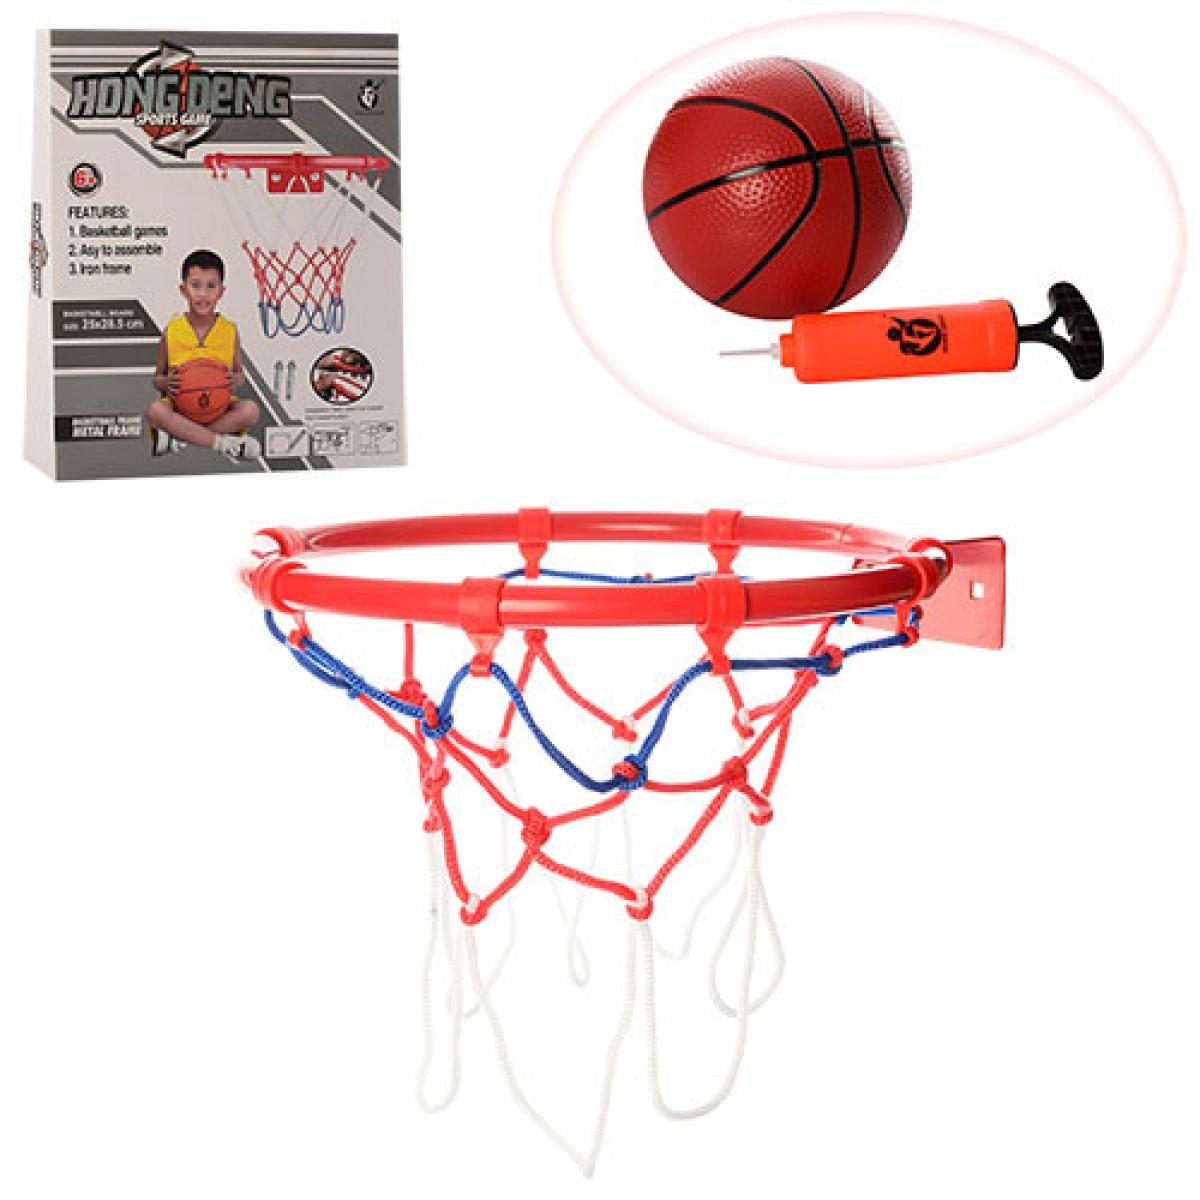 989ebd56 Детский набор для баскетбола Profi (M 3372). Купить баскетбольный ...